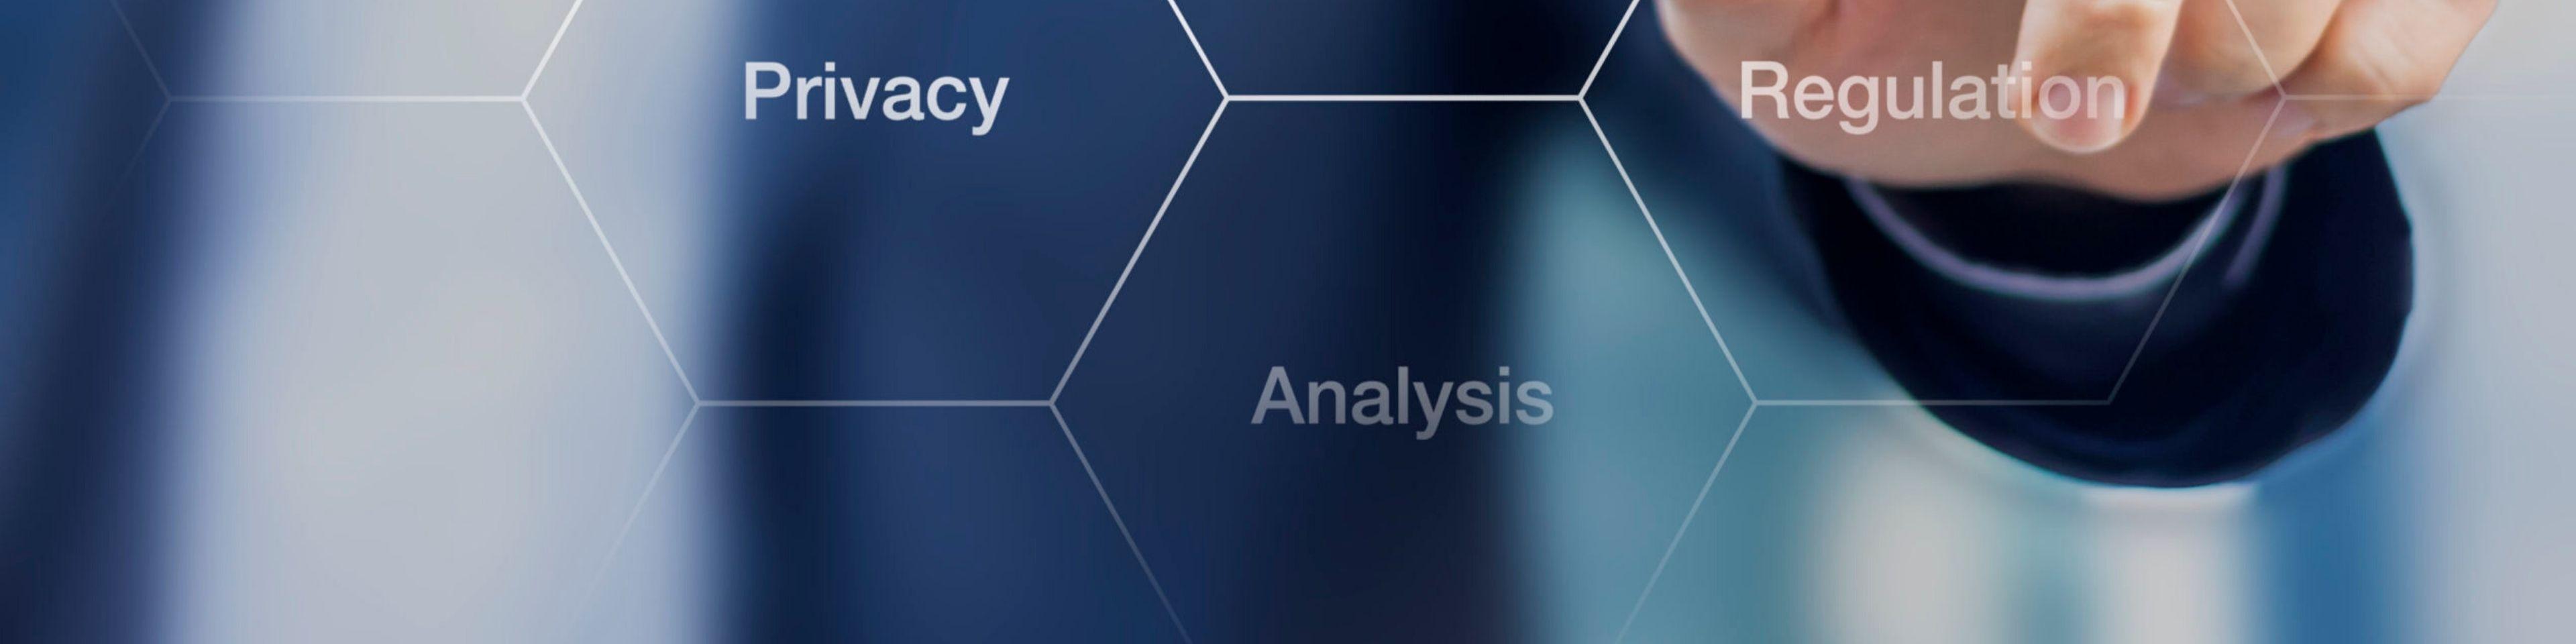 Legisway-data security threat